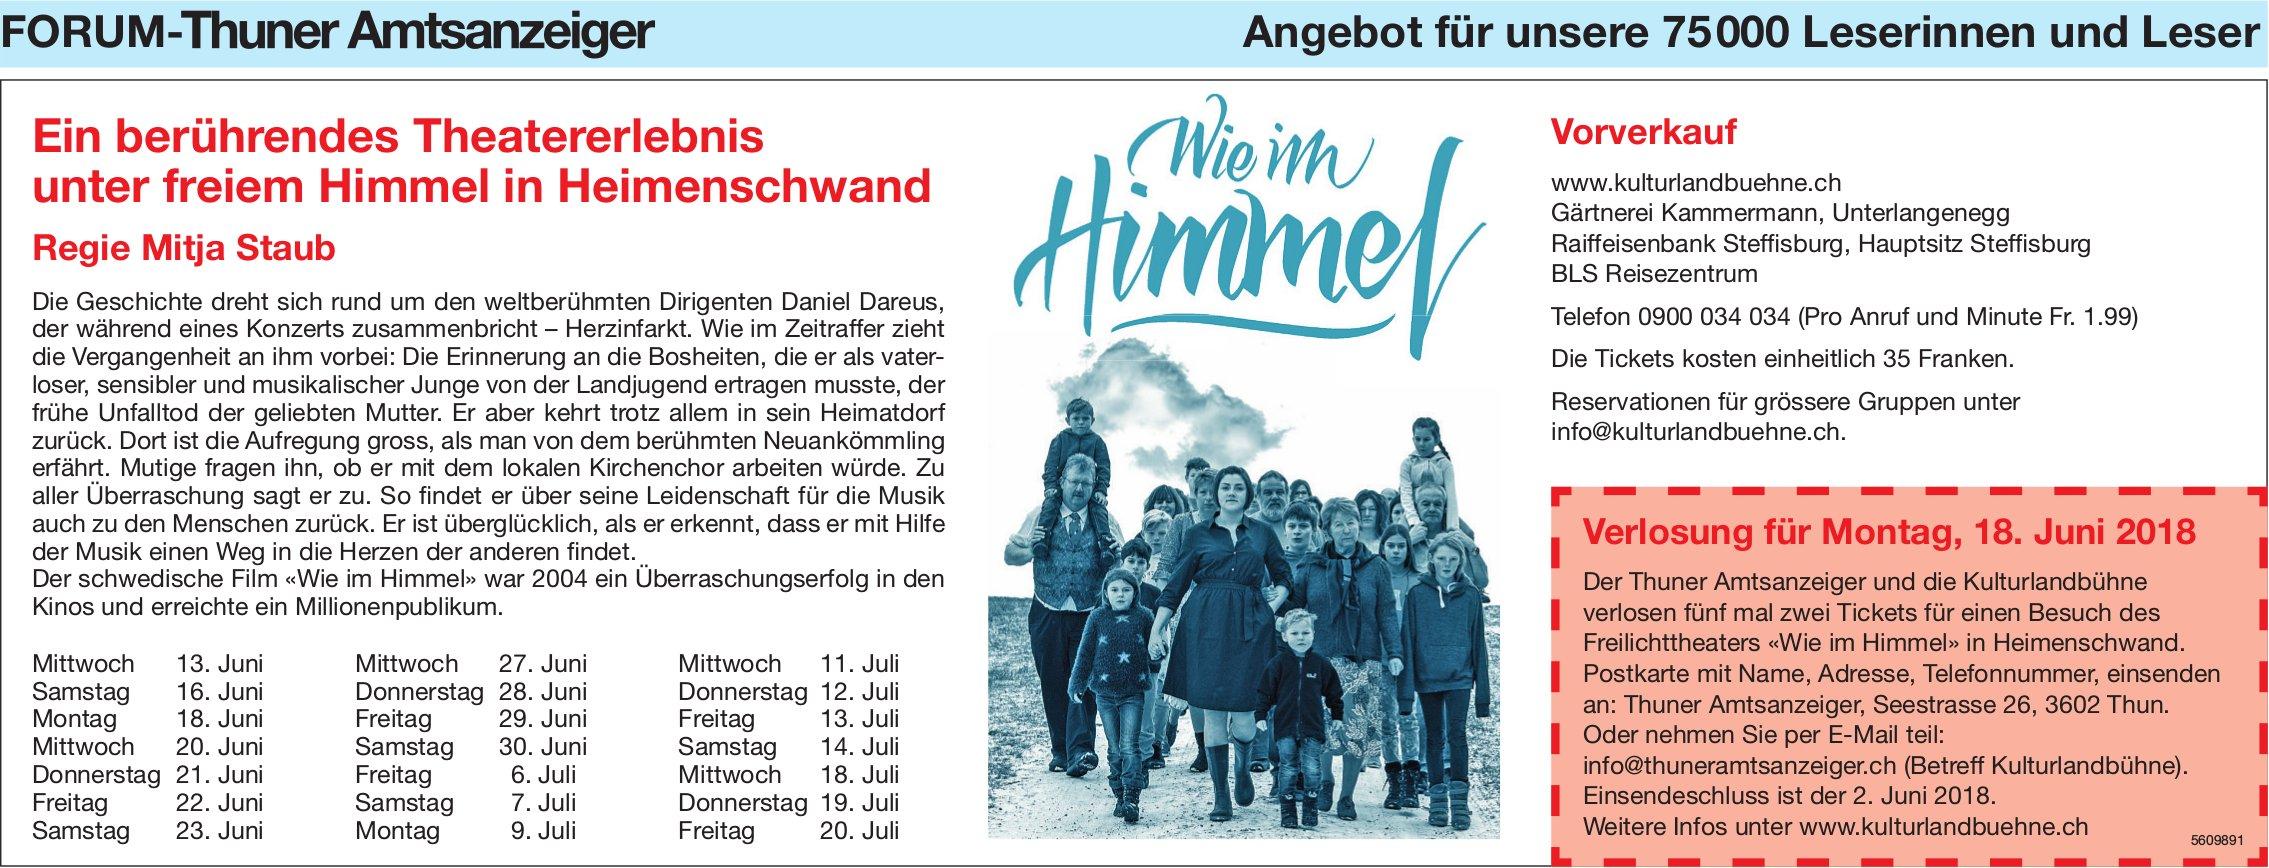 Forum-Thuner Amtzanzeiger - Ein berührendes Theatererlebnis unter freiem Himmel in Heimenschwand